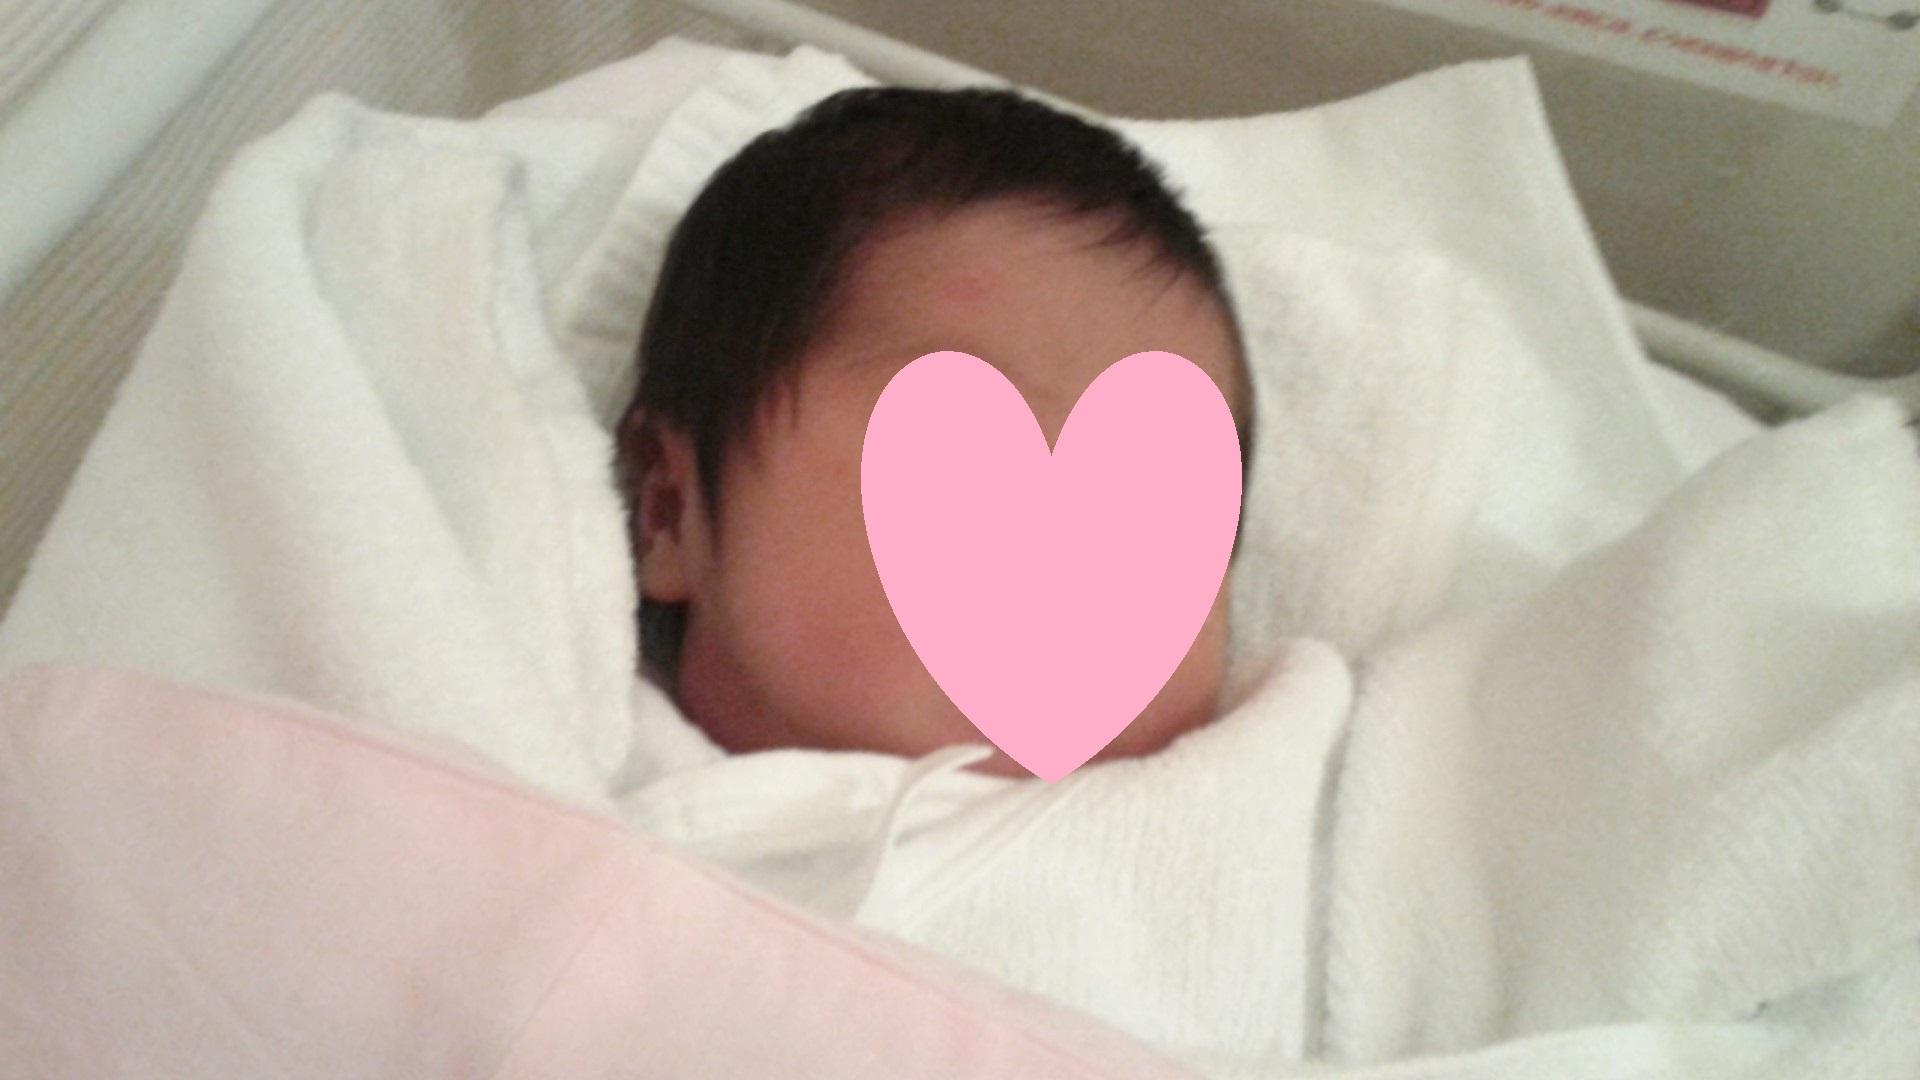 自然分娩出産に健康保険が適用された!その理由と医療保険を請求する際の注意点について